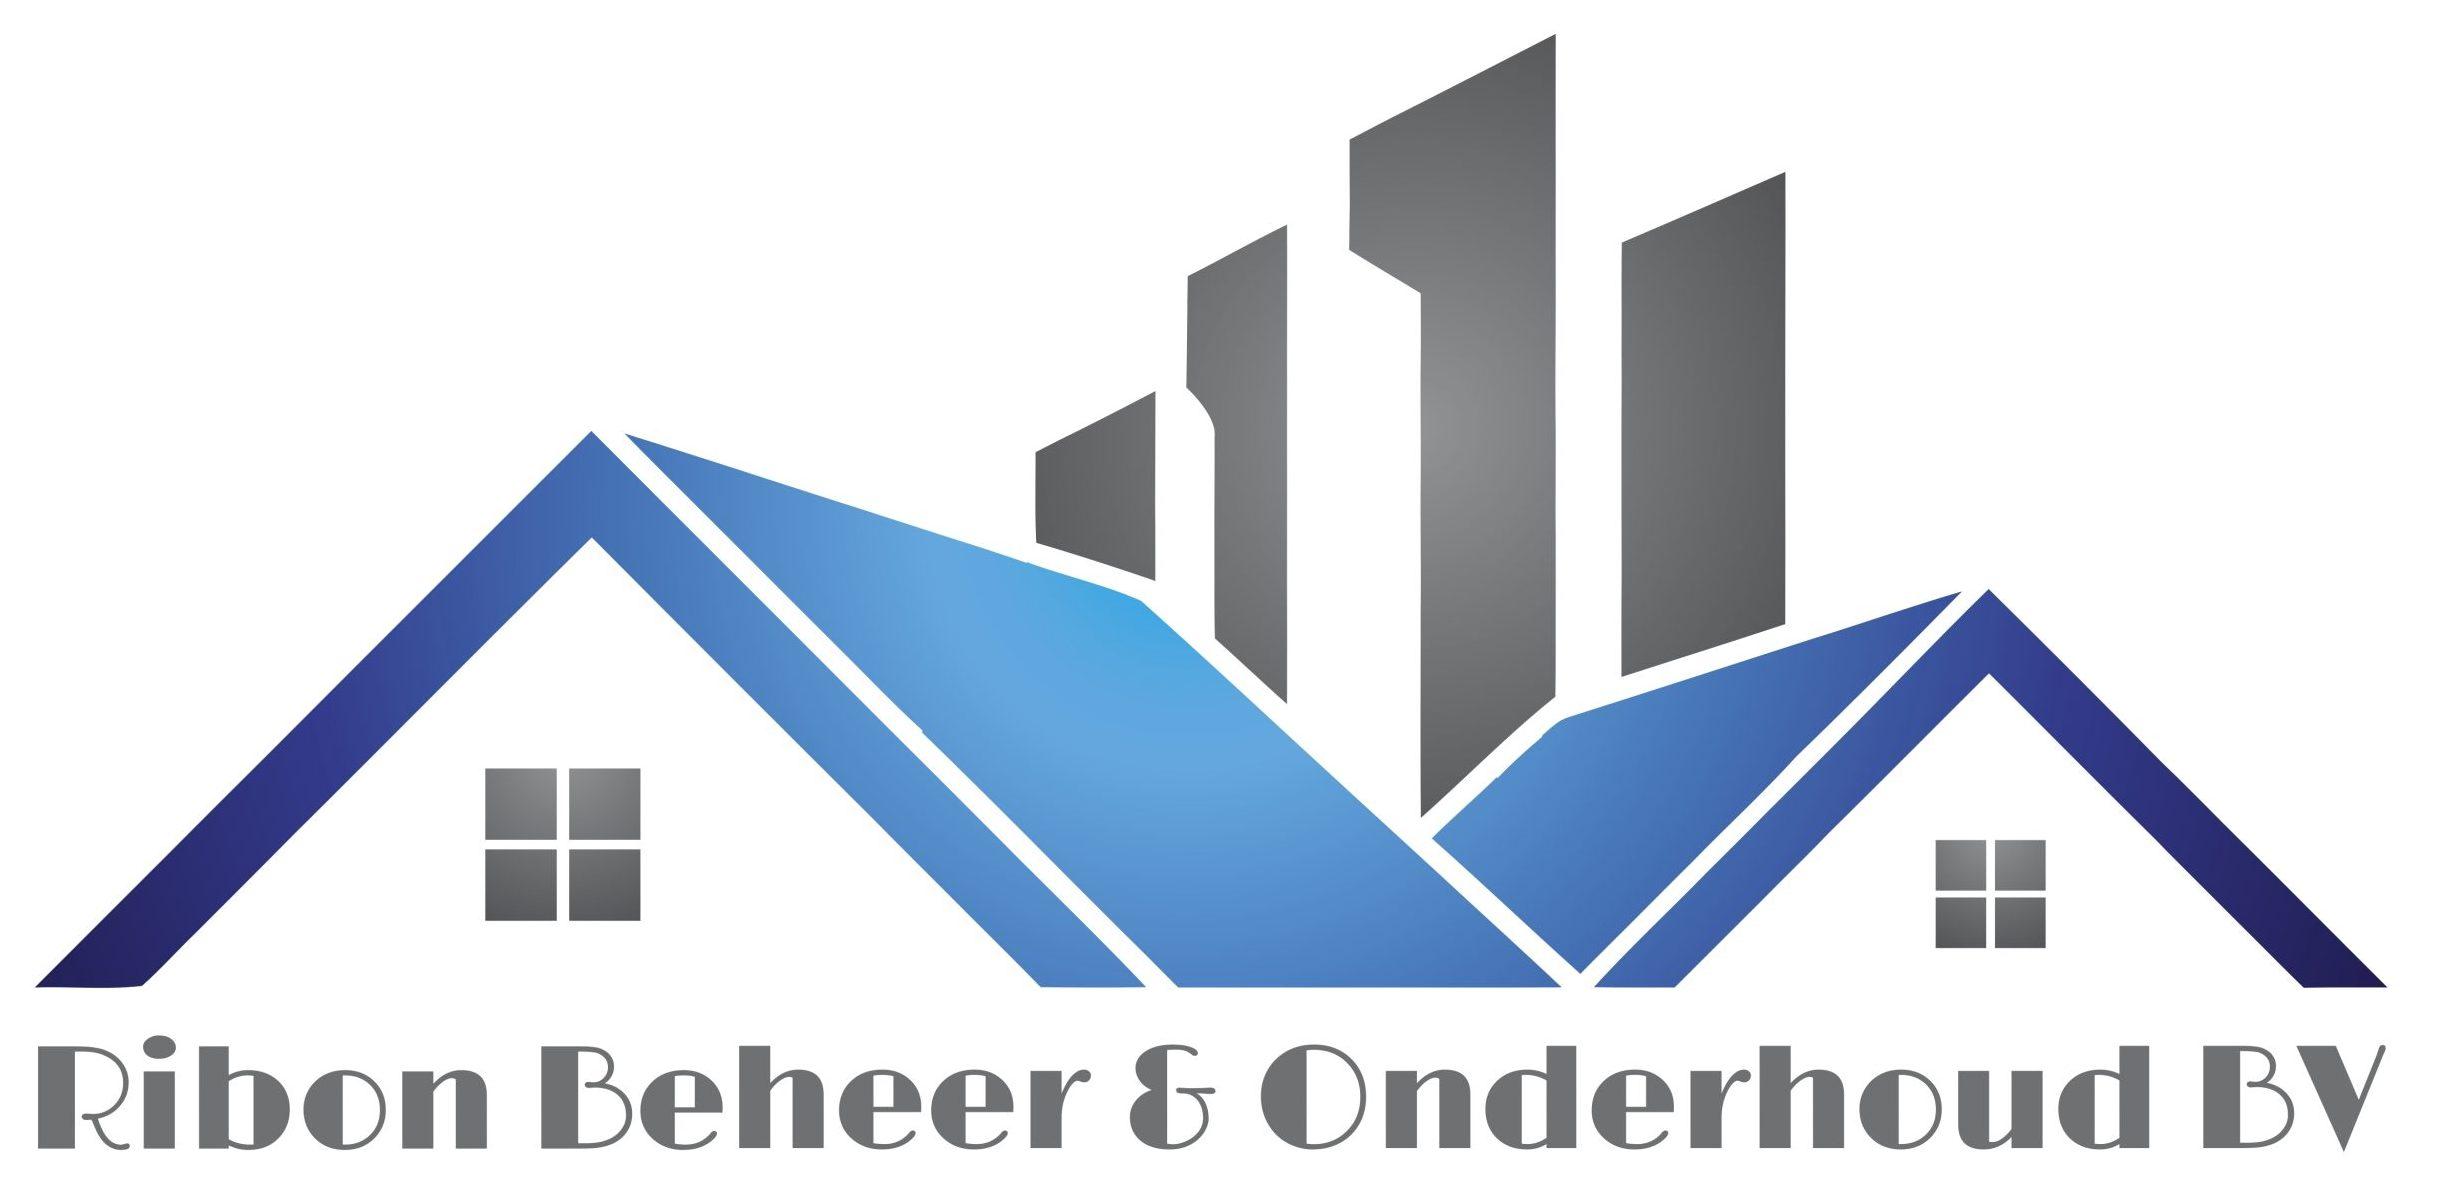 Ribon Beheer & Onderhoud BV